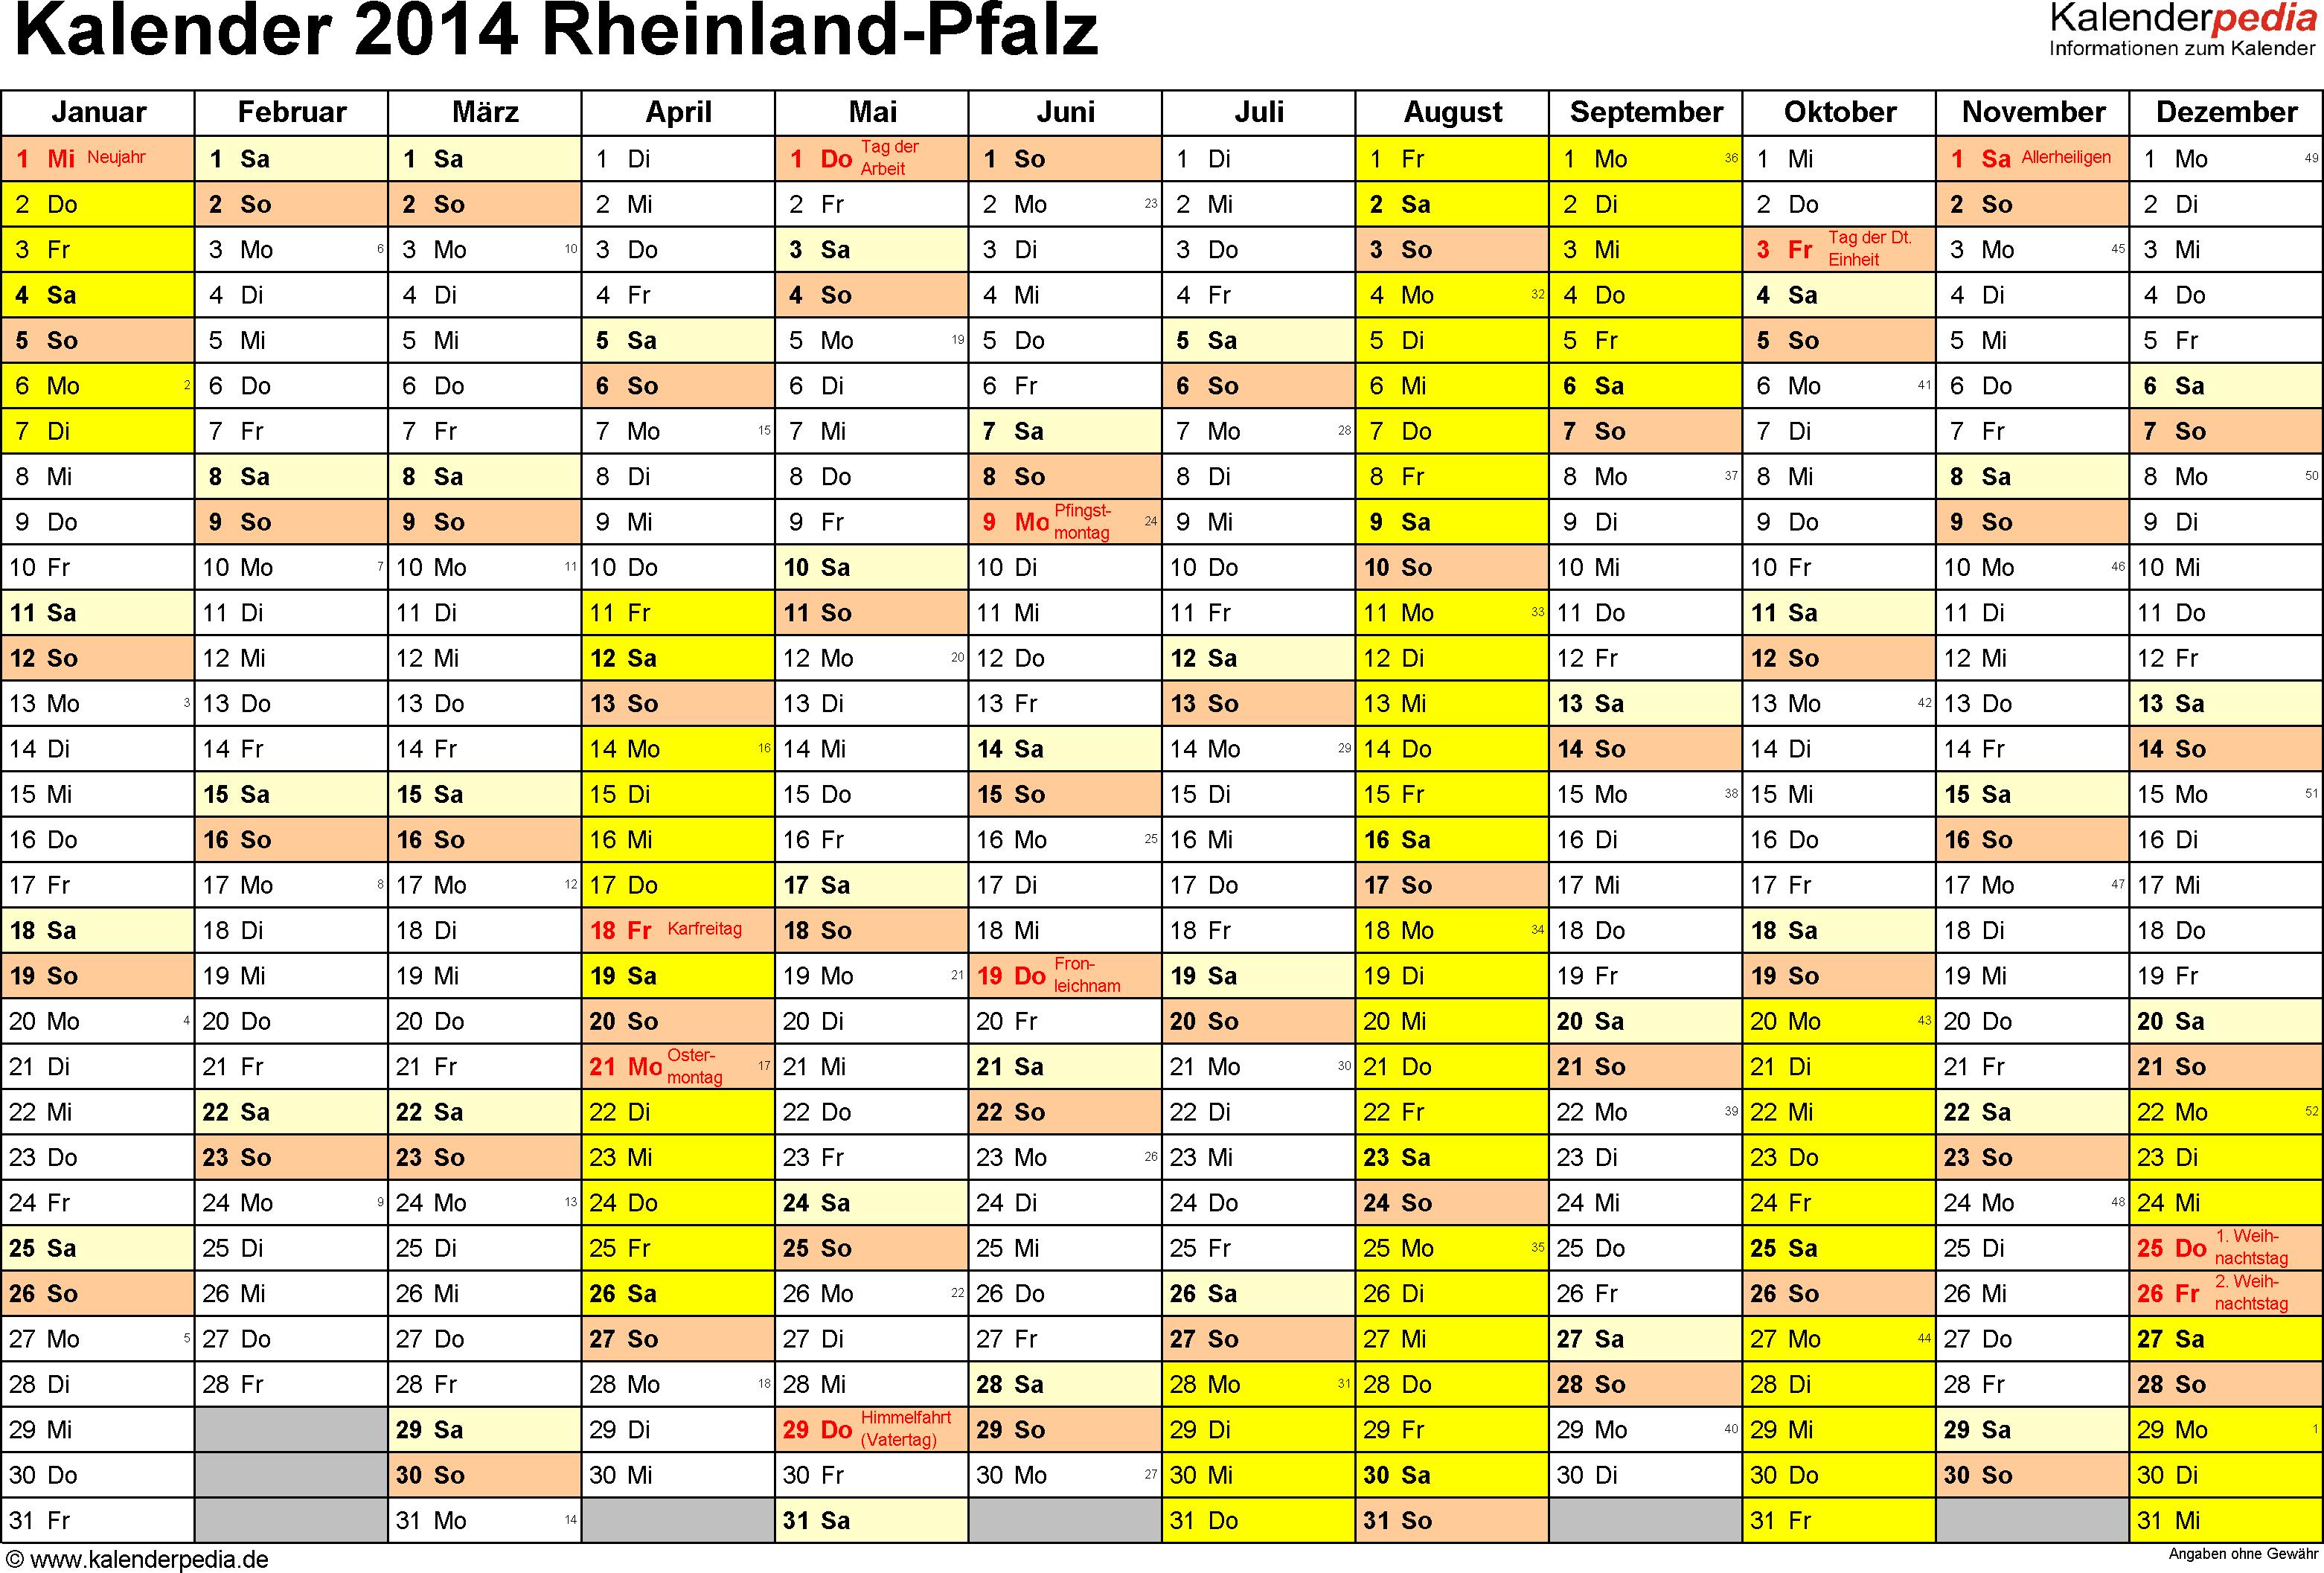 Vorlage 1: Kalender 2014 für Rheinland-Pfalz als Word-Vorlagen (Querformat, 1 Seite)